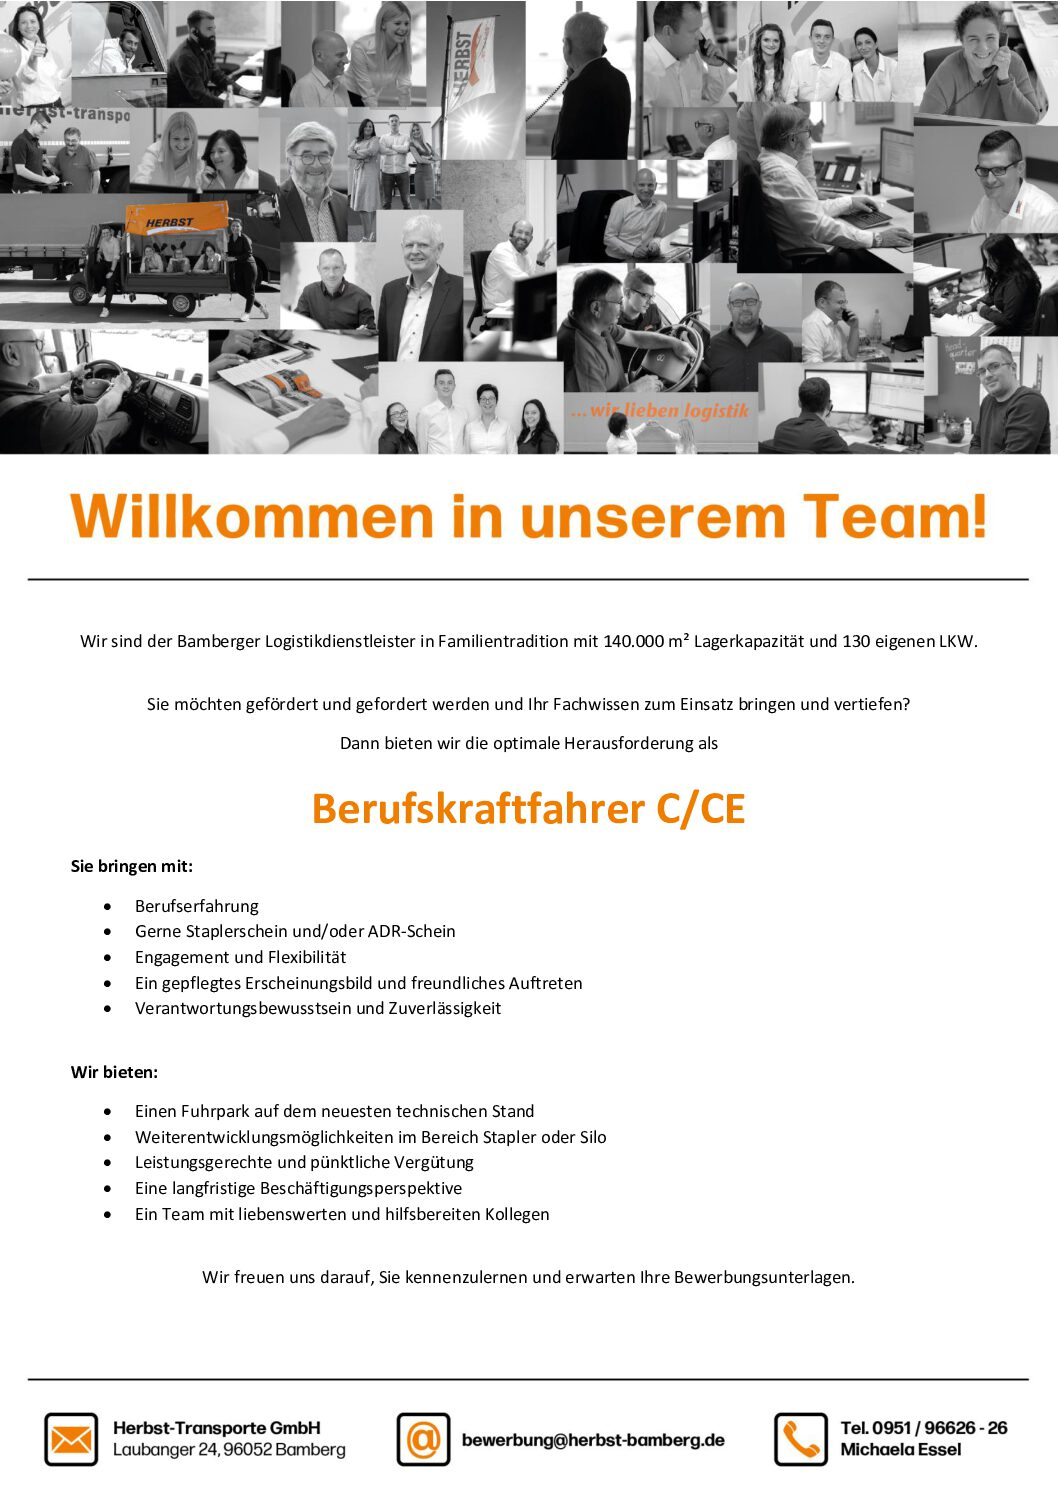 Willkommen In Unserem Team! – Berufskraftfahrer C/CE (m/w/d) Gesucht.